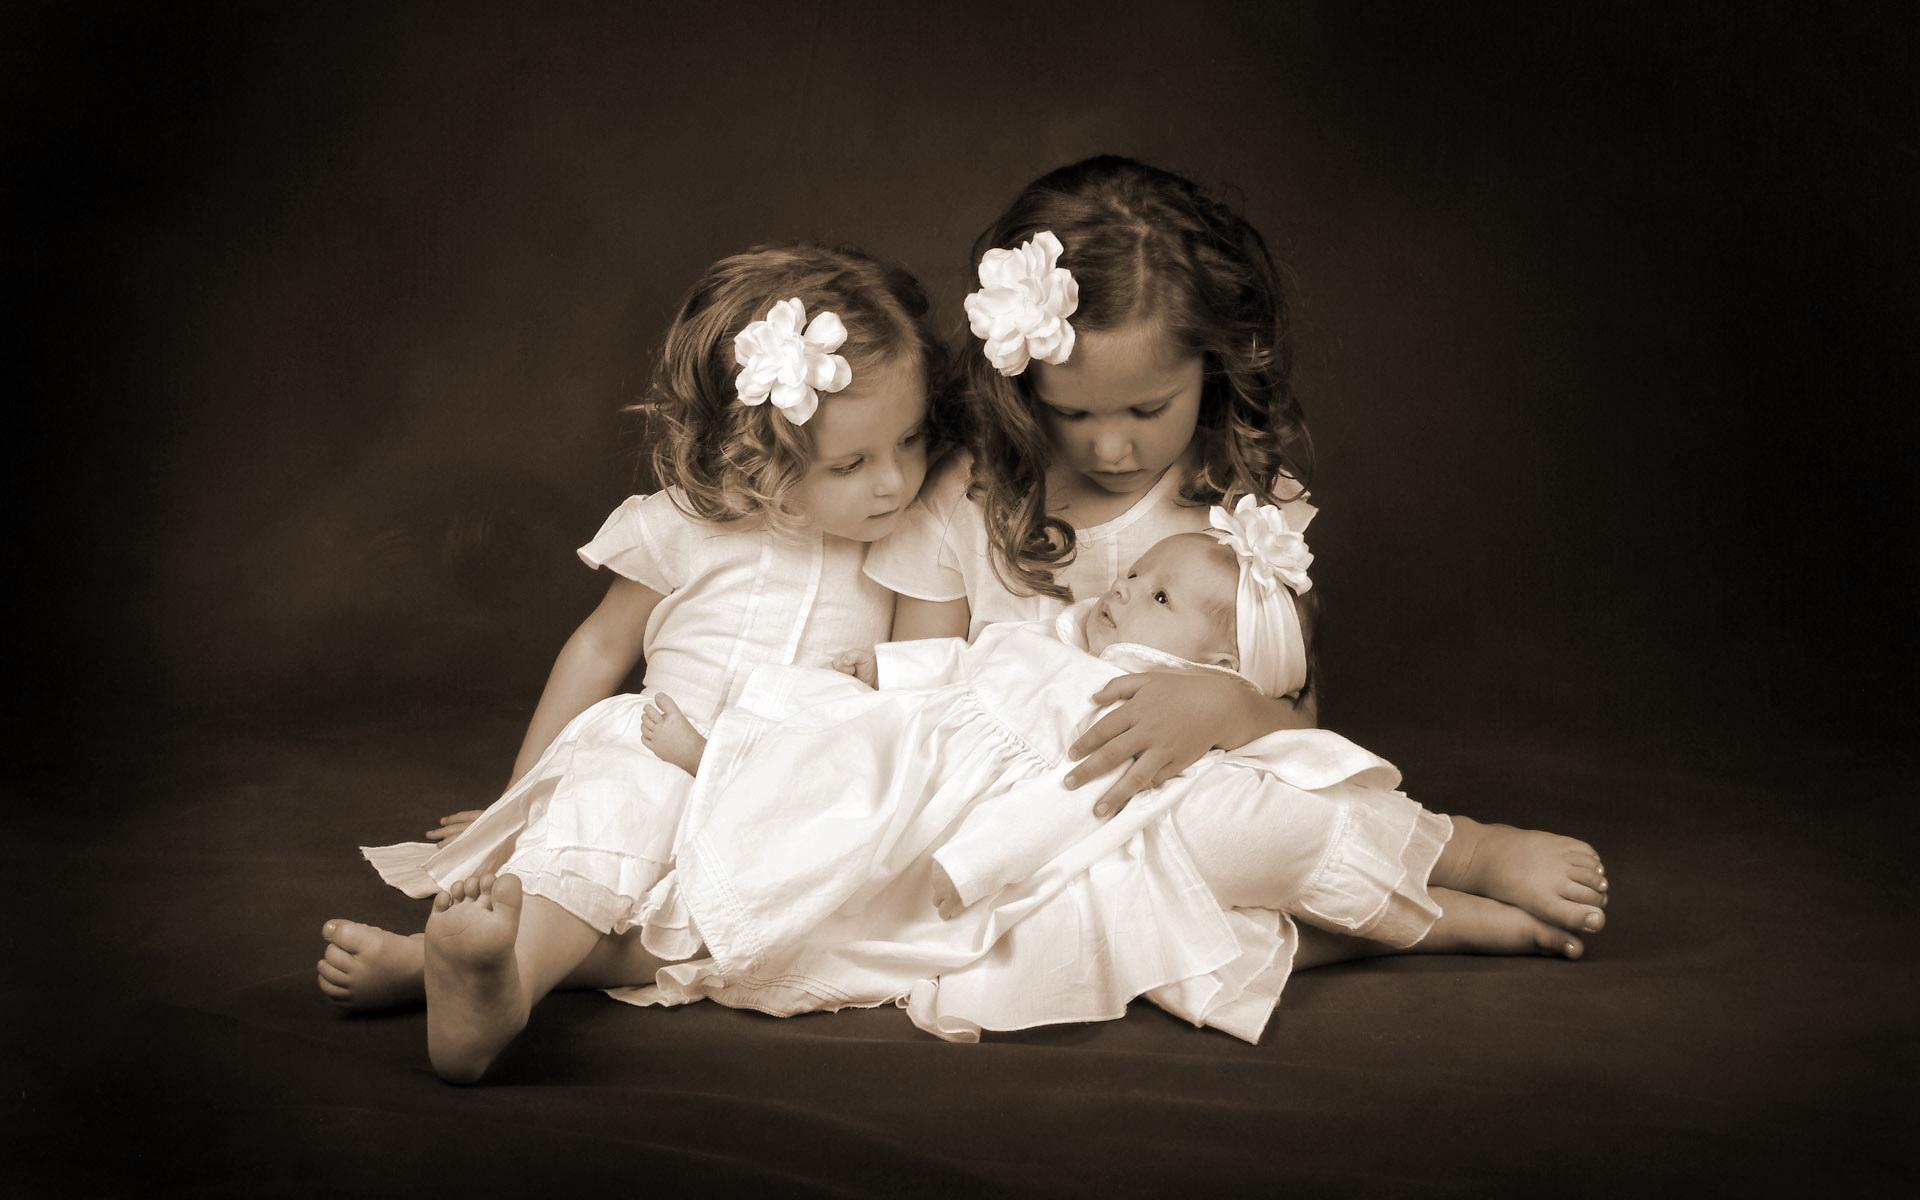 عکس بچه های ناز